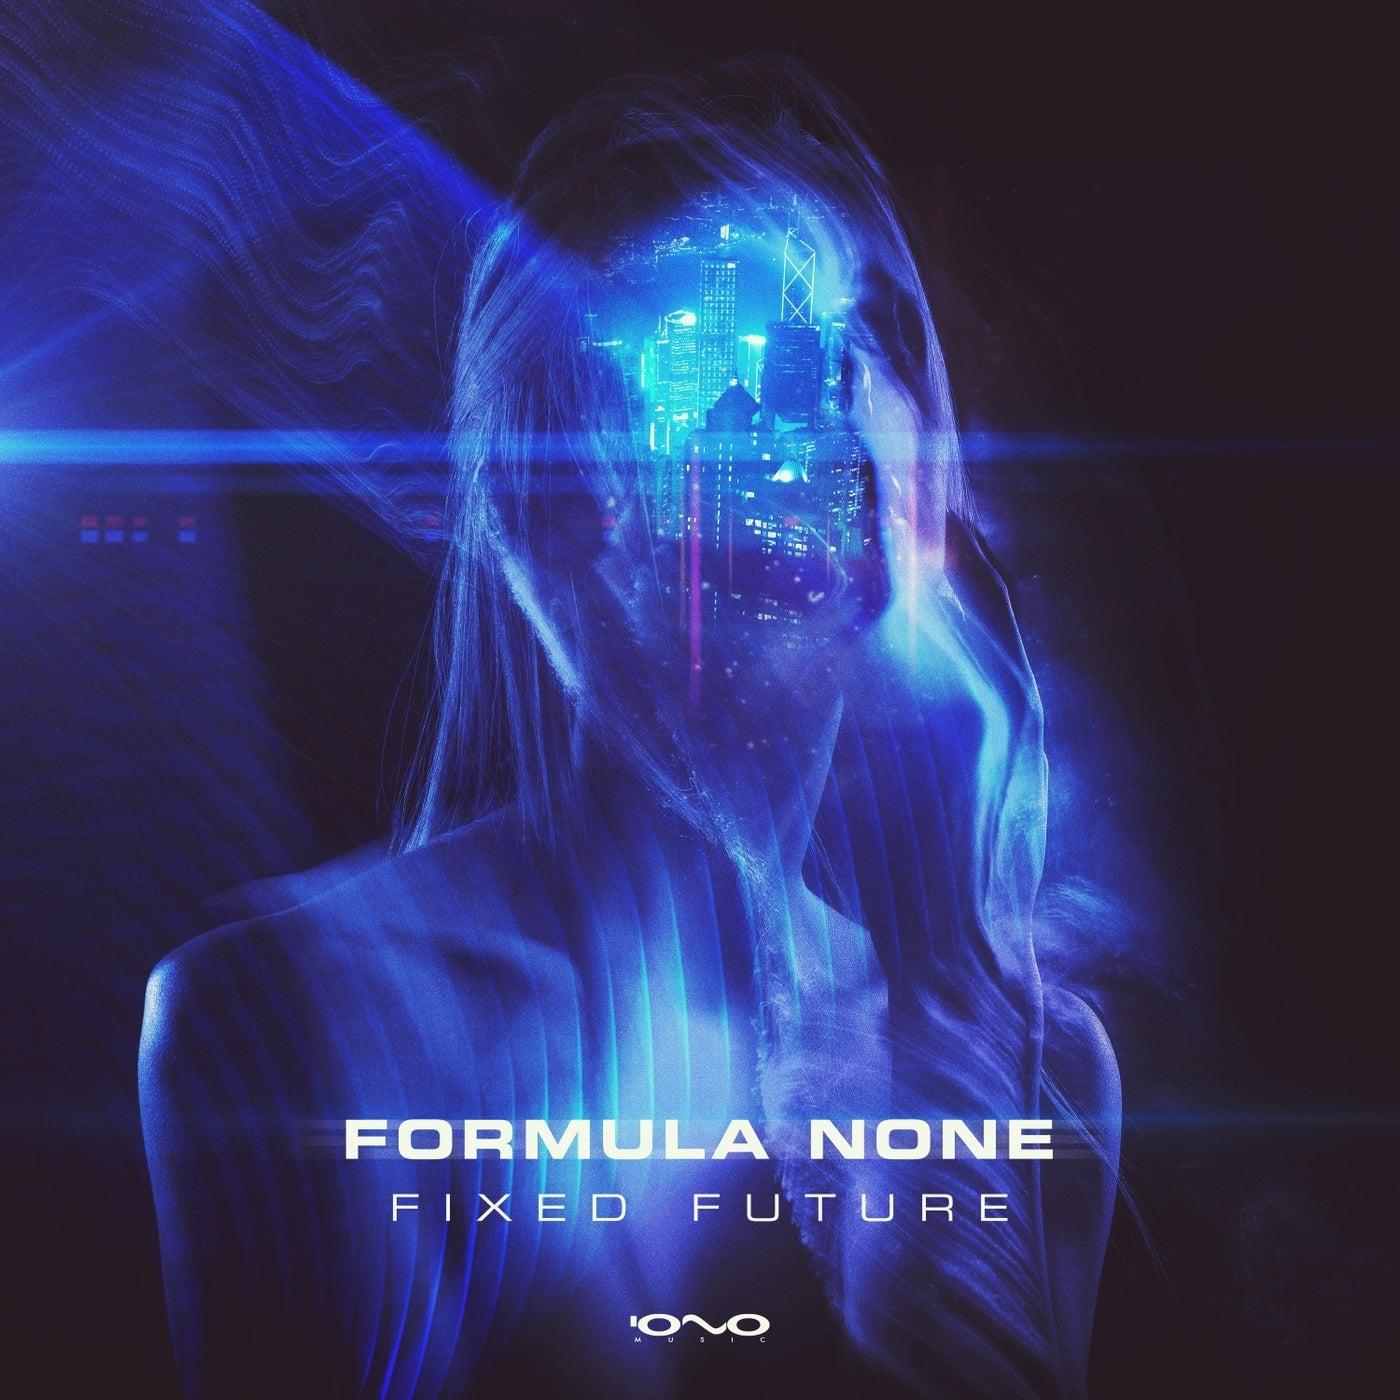 Fixed Future (Original Mix)